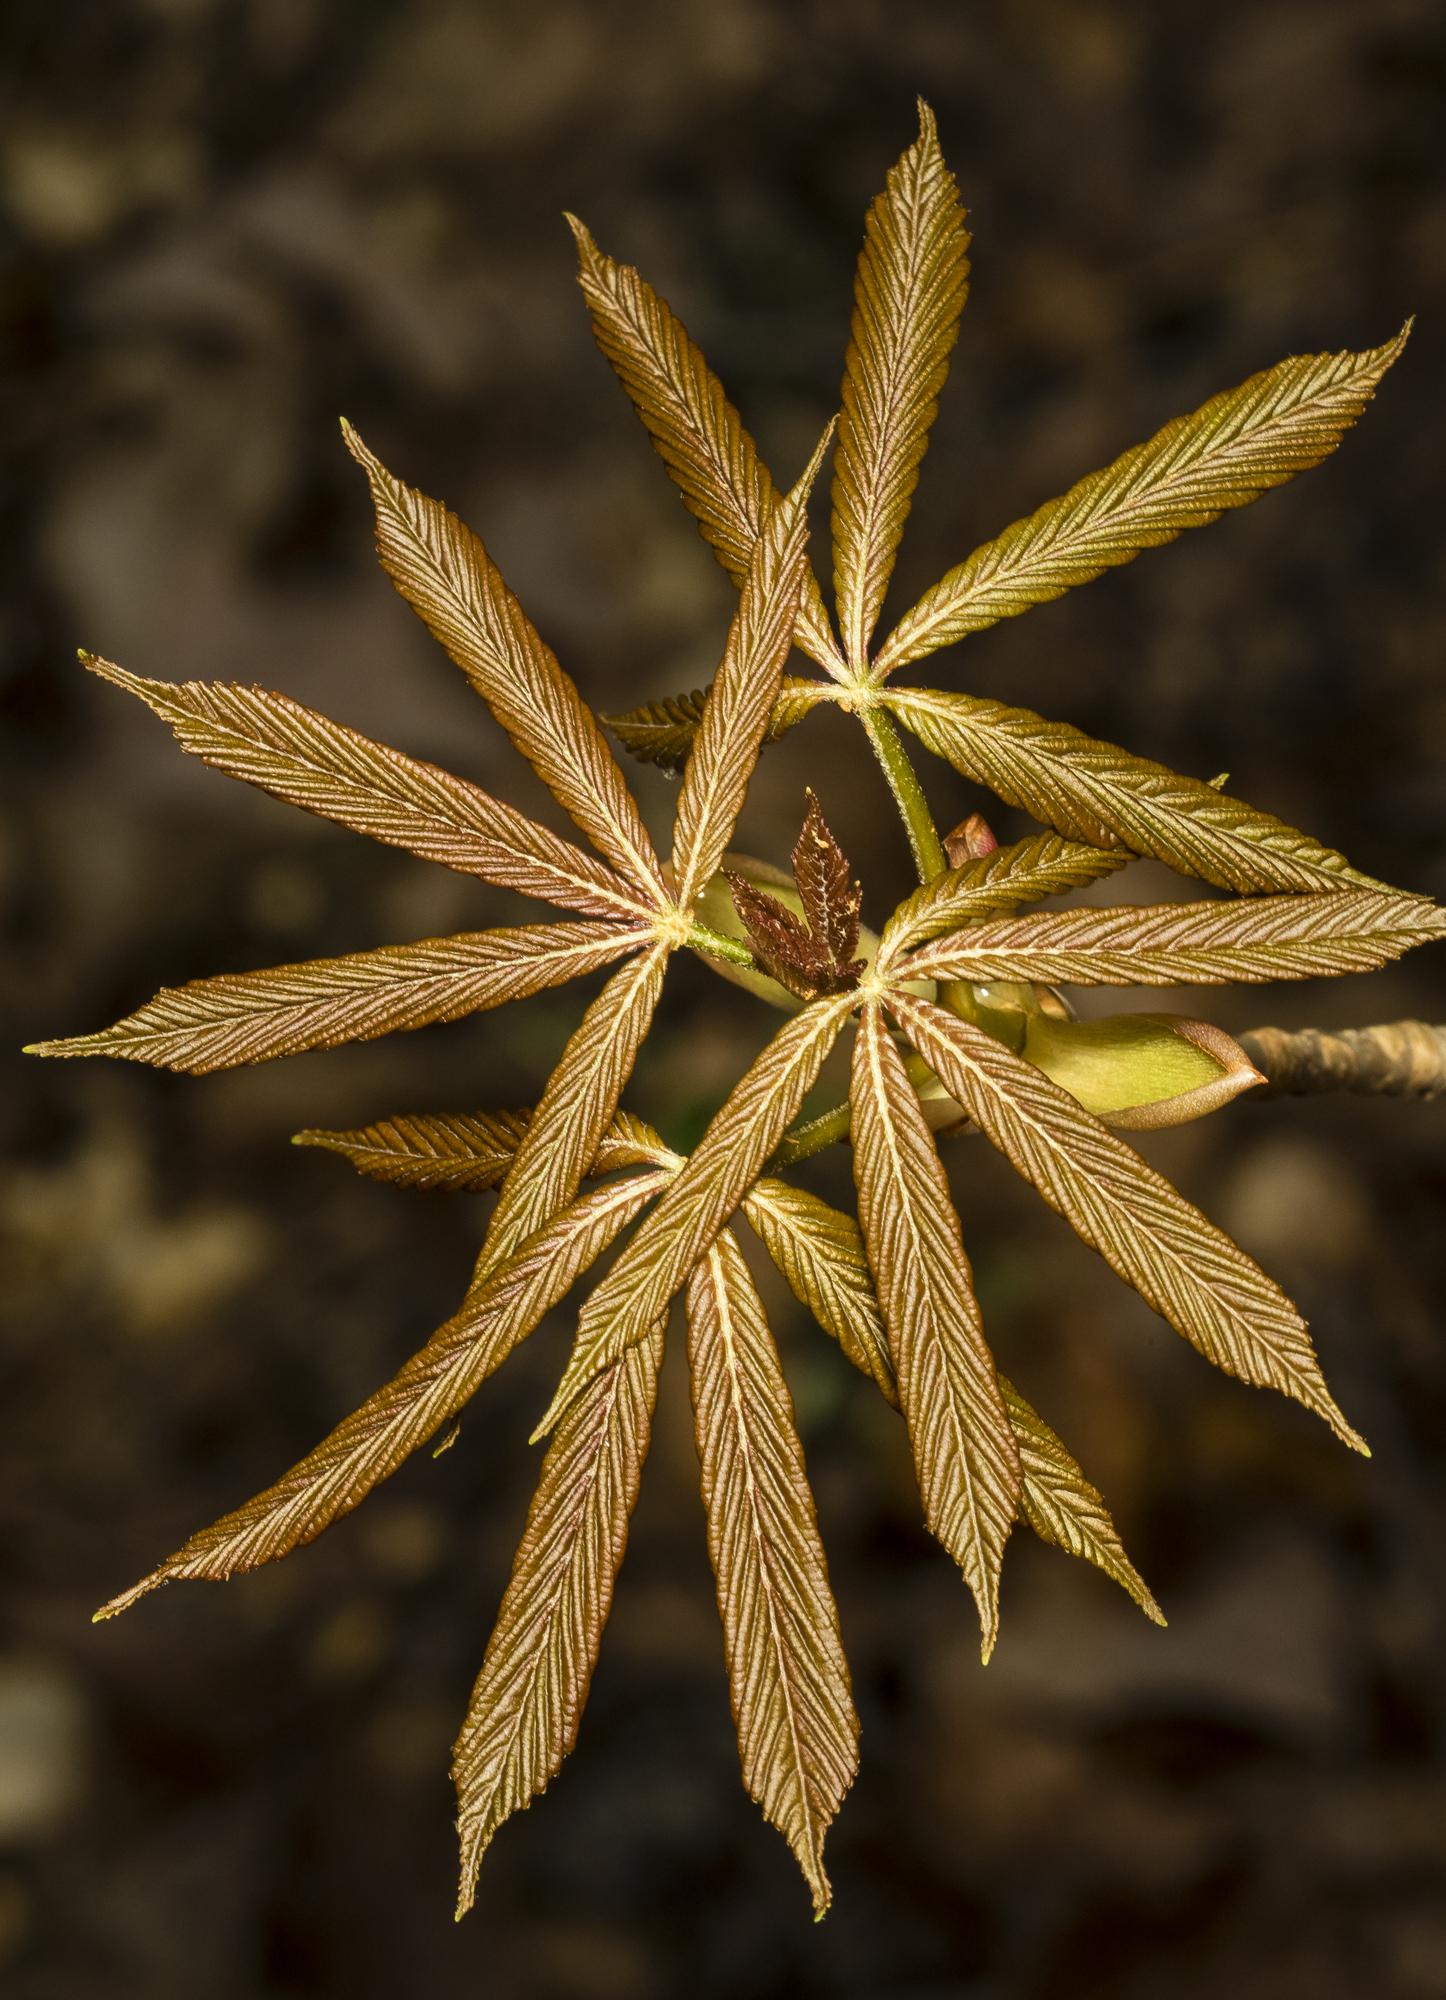 Painted buckeye leaves showing